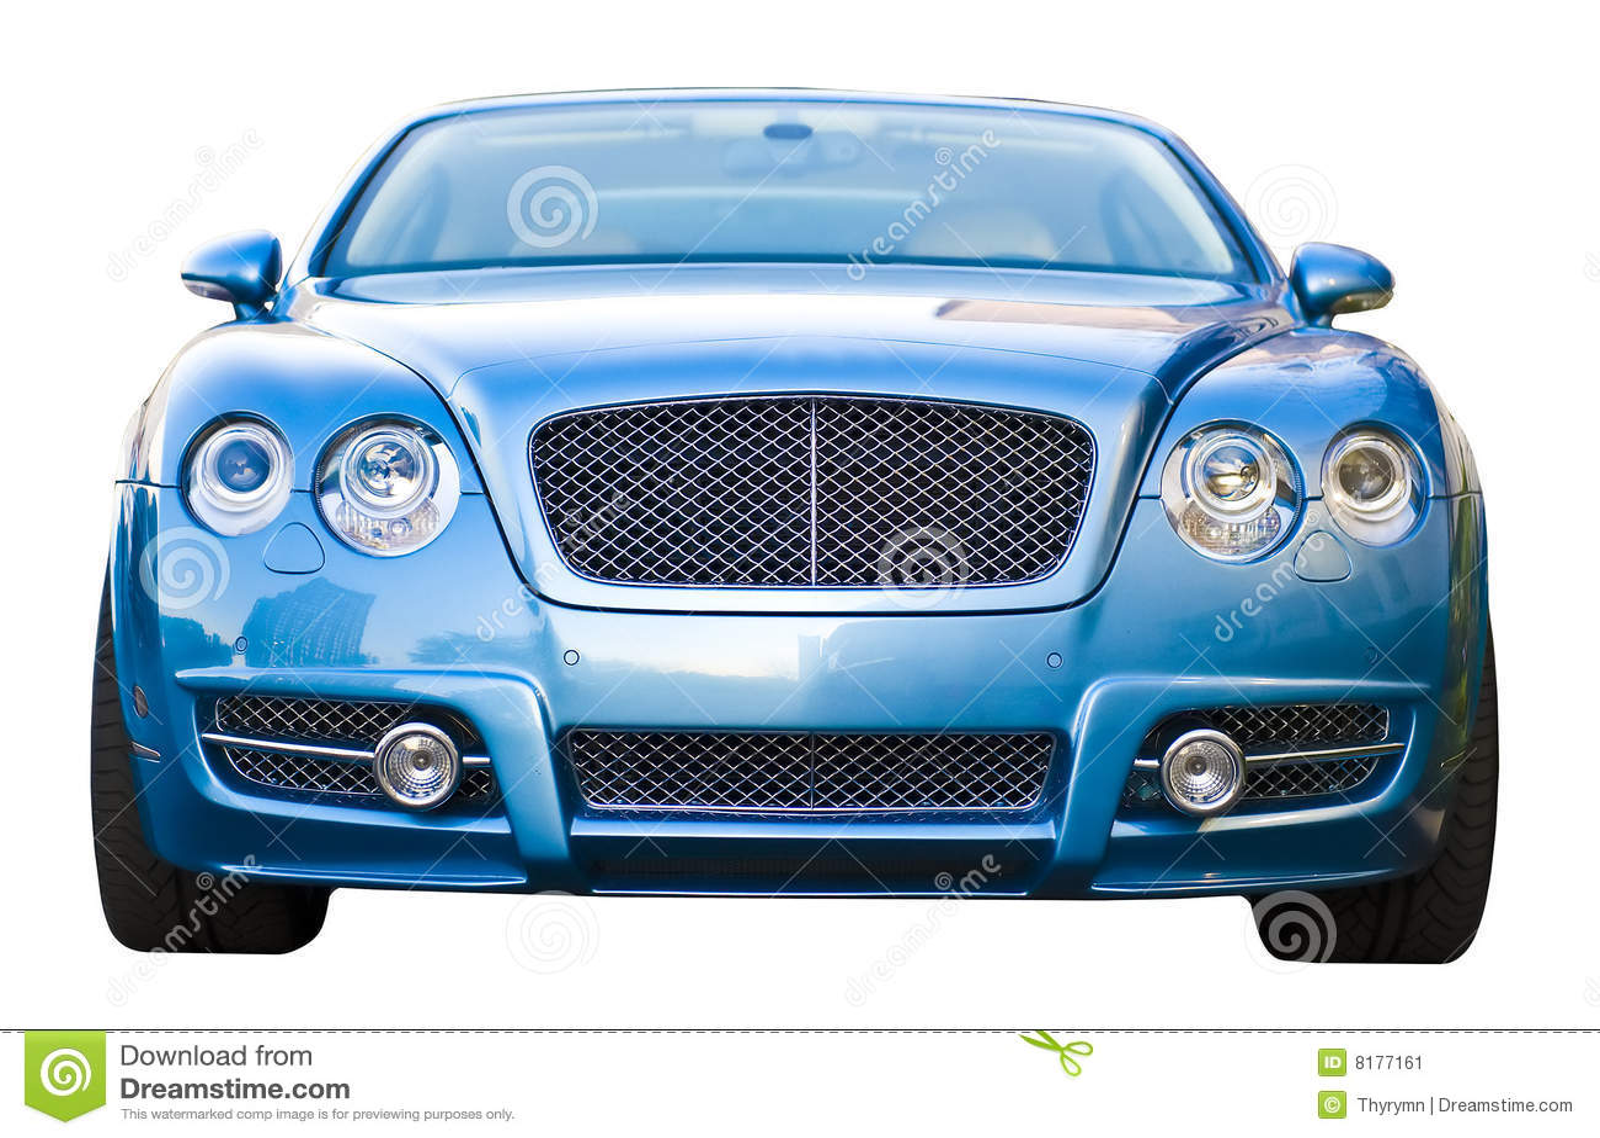 Blue car luxury